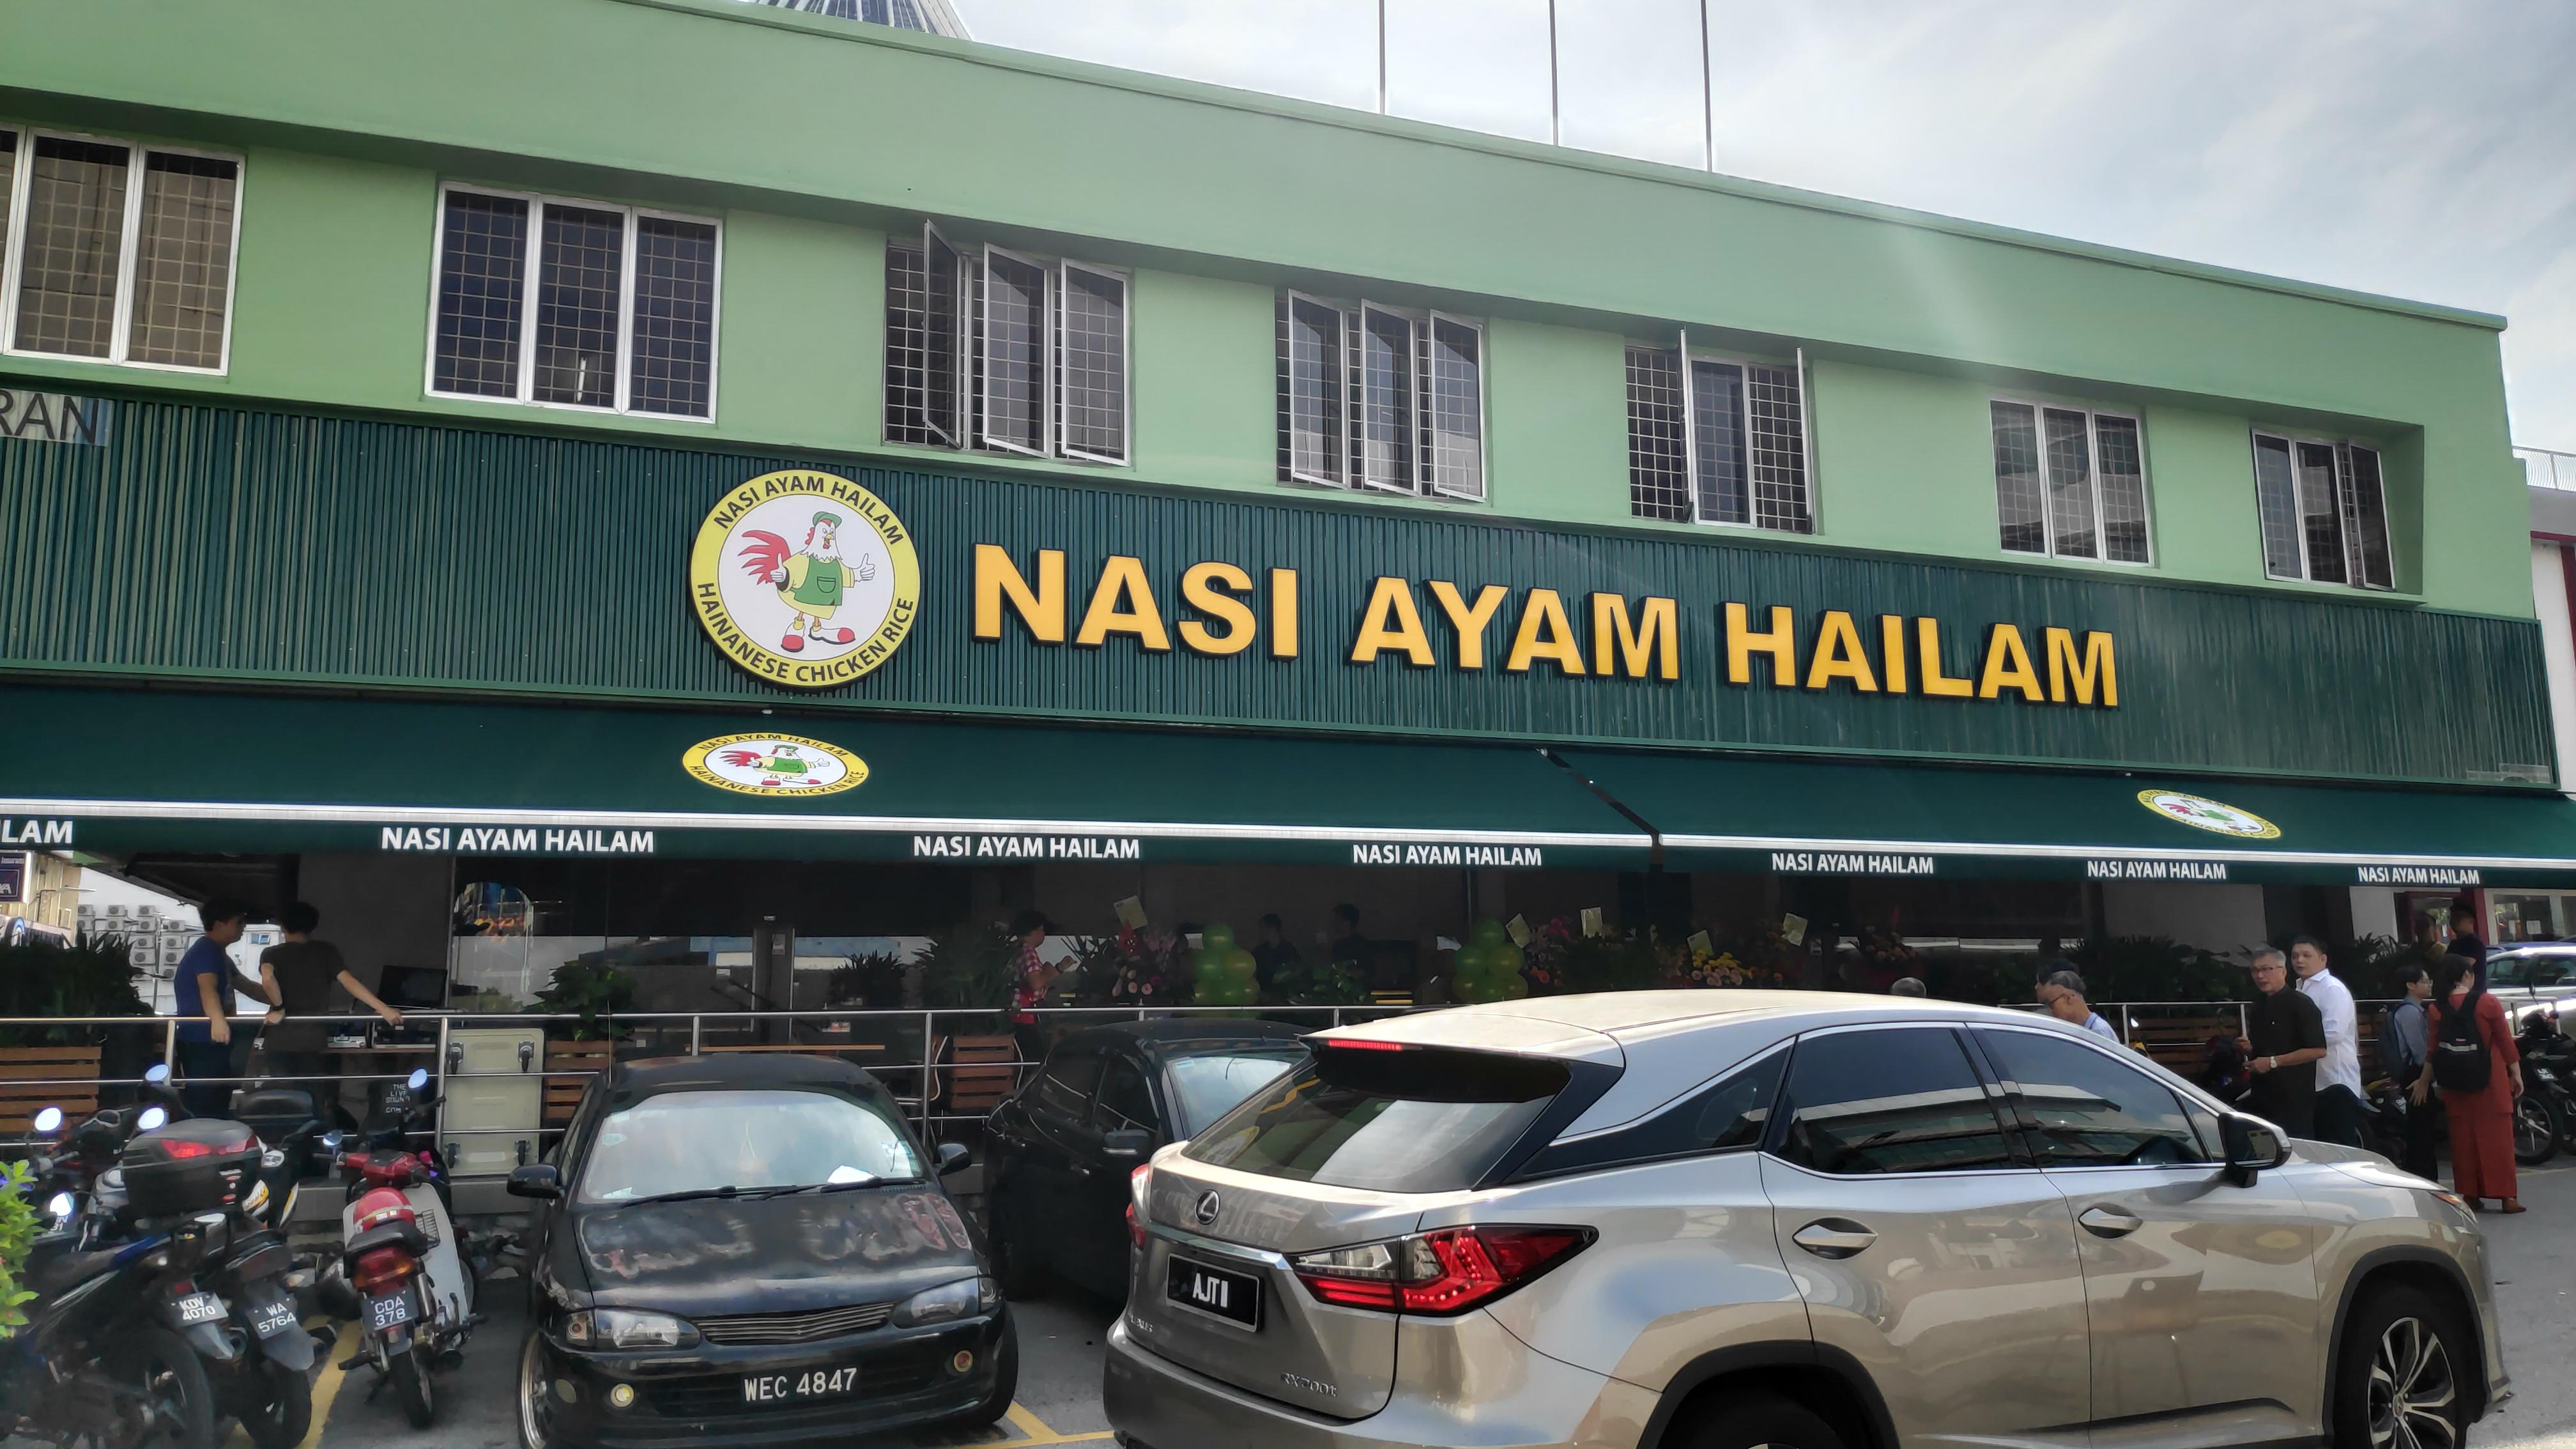 restoran Nasi Ayam Hailam di PJ New Town